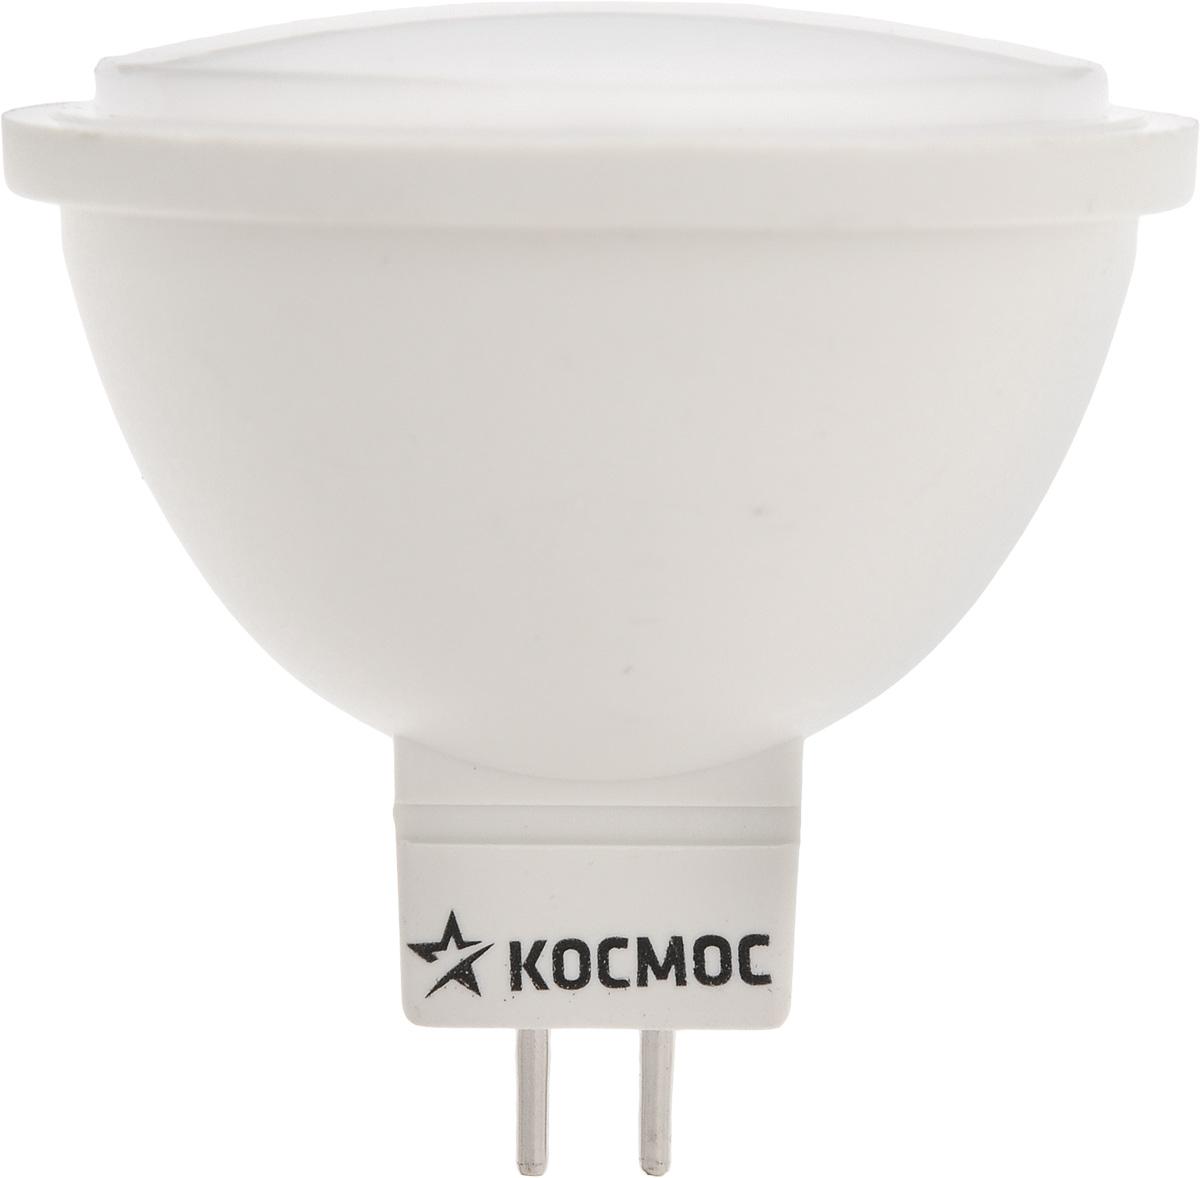 Светодиодная лампа Kosmos, теплый свет, цоколь GU5.3, 7W, 220VLksm_LED7wJCDRC30Декоративная лампа 7 Вт серии Космос LED является аналогом ламп накаливания 70 Вт.Использование архитектуры высокомощных LED-ламп в формфакторах малыхмоделей позволяет добиться лучших показателей светового потока (540 Лм) среди большинстварыночных аналогов.Декоративные лампы специально разработаны с учетом требований российских и европейскихзаконов и подходят ко всем осветительным устройствам совместимым со стандартным цоколемGU5.3.Теплый белый оттенок света лампы отлично украсит вашу кухню или гостиную.В основе лампы используются светодиоды от мирового лидера Epistar.Срок службы светодиодной лампы до 30 000 часов. Гарантия 1 год. Номинальное напряжение: 220-240 В.Уважаемые клиенты! Обращаем ваше внимание на возможные изменения в дизайне упаковки. Качественные характеристики товара остаются неизменными. Поставка осуществляется в зависимости от наличия на складе.